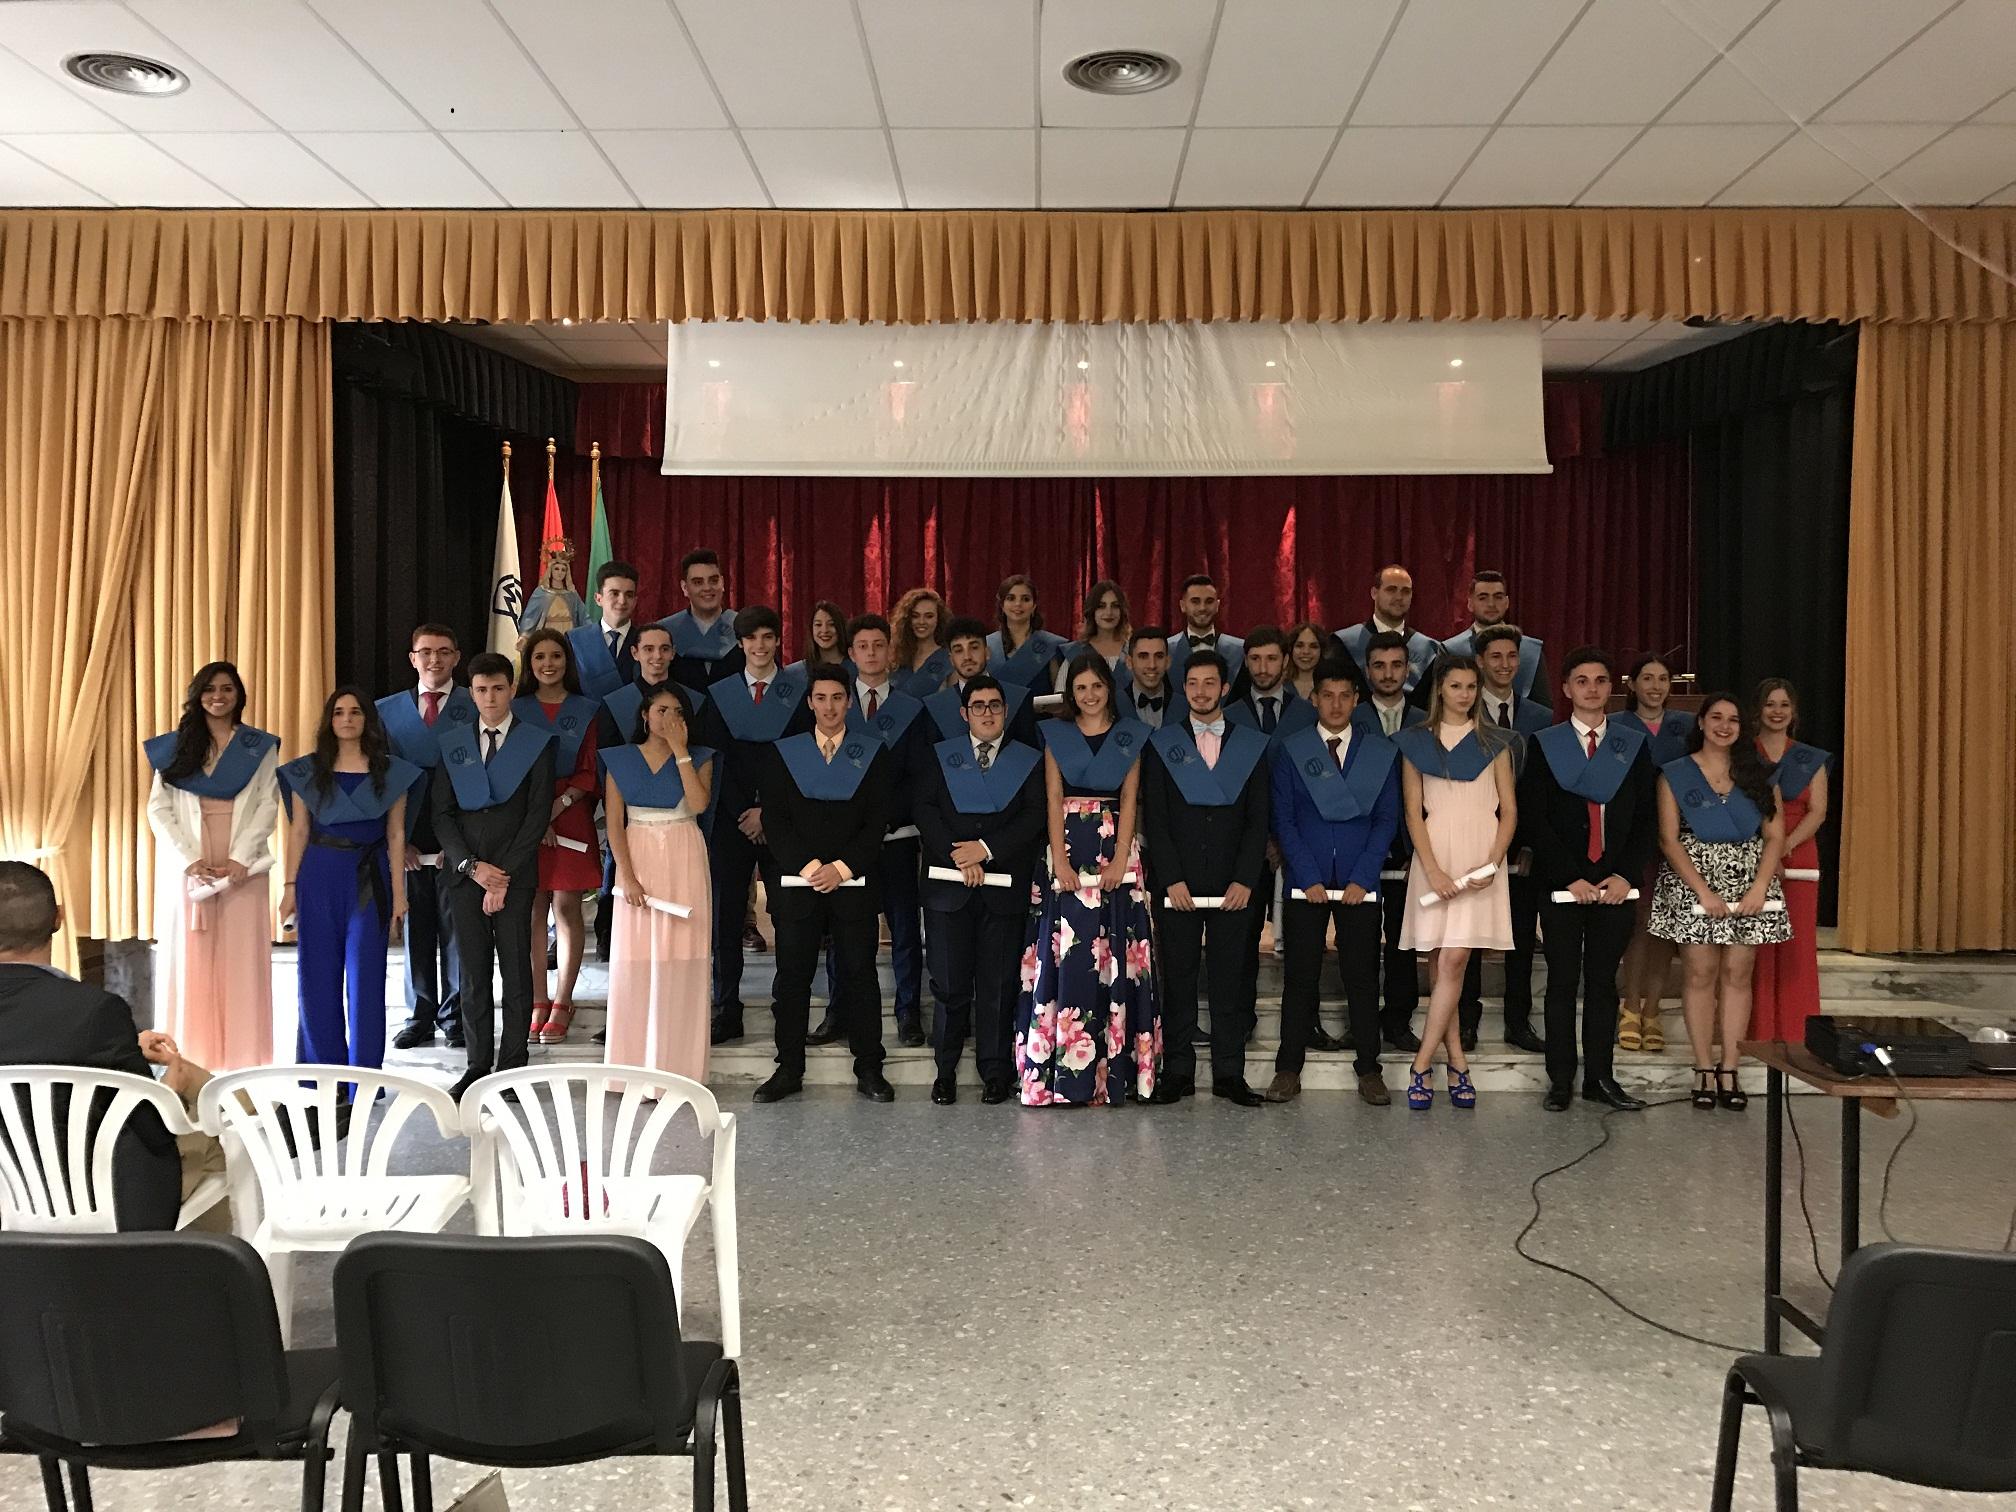 Despedida / graduación de los alumnos de 2º de Bachillerato.